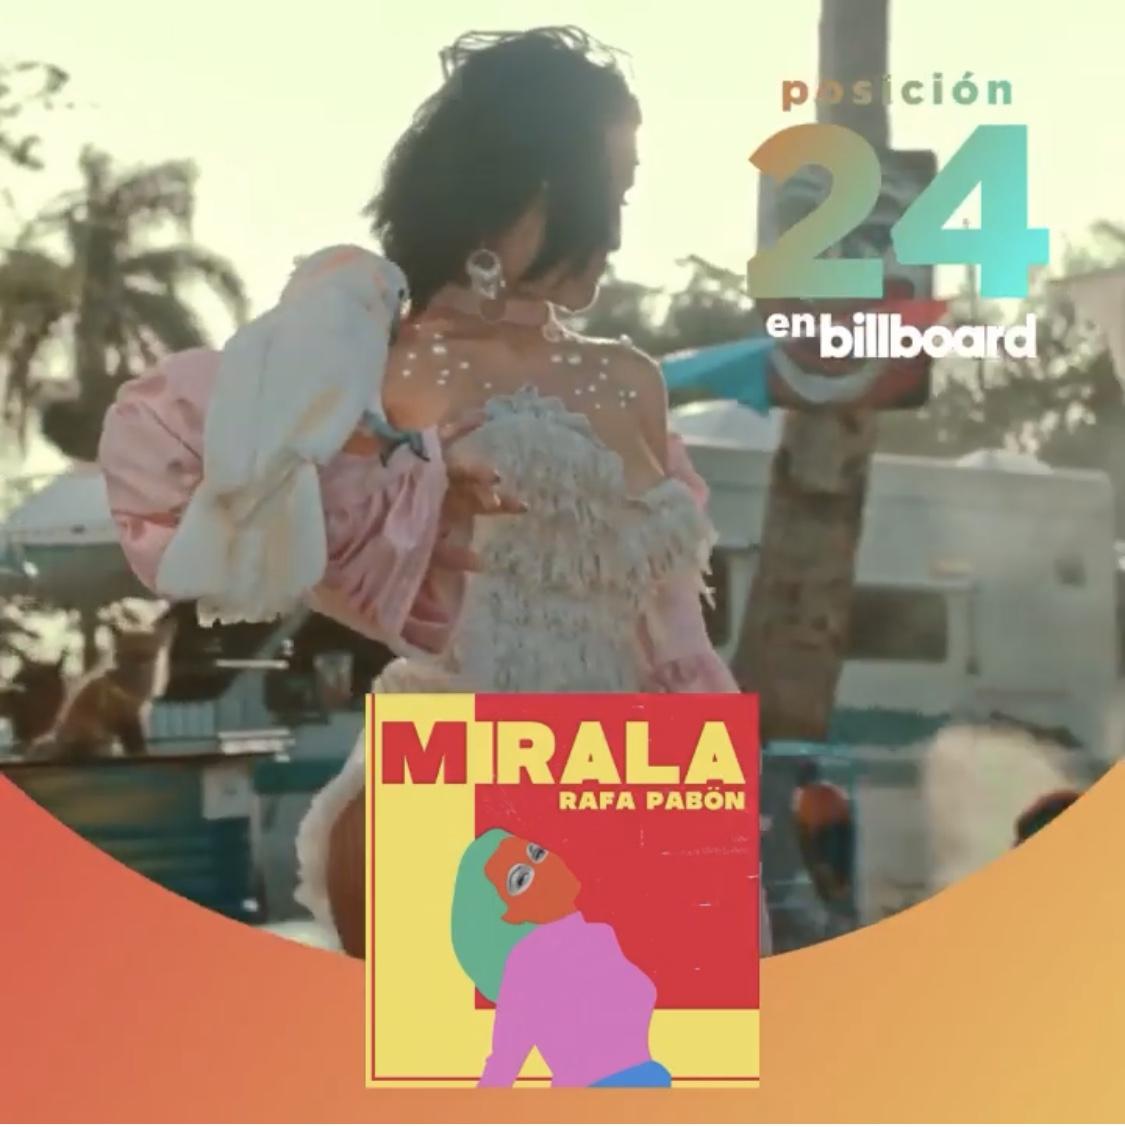 """Rafa Pabön debuta en Billboard #24 con """"Mirala"""" y """"Jangueo"""" #22"""